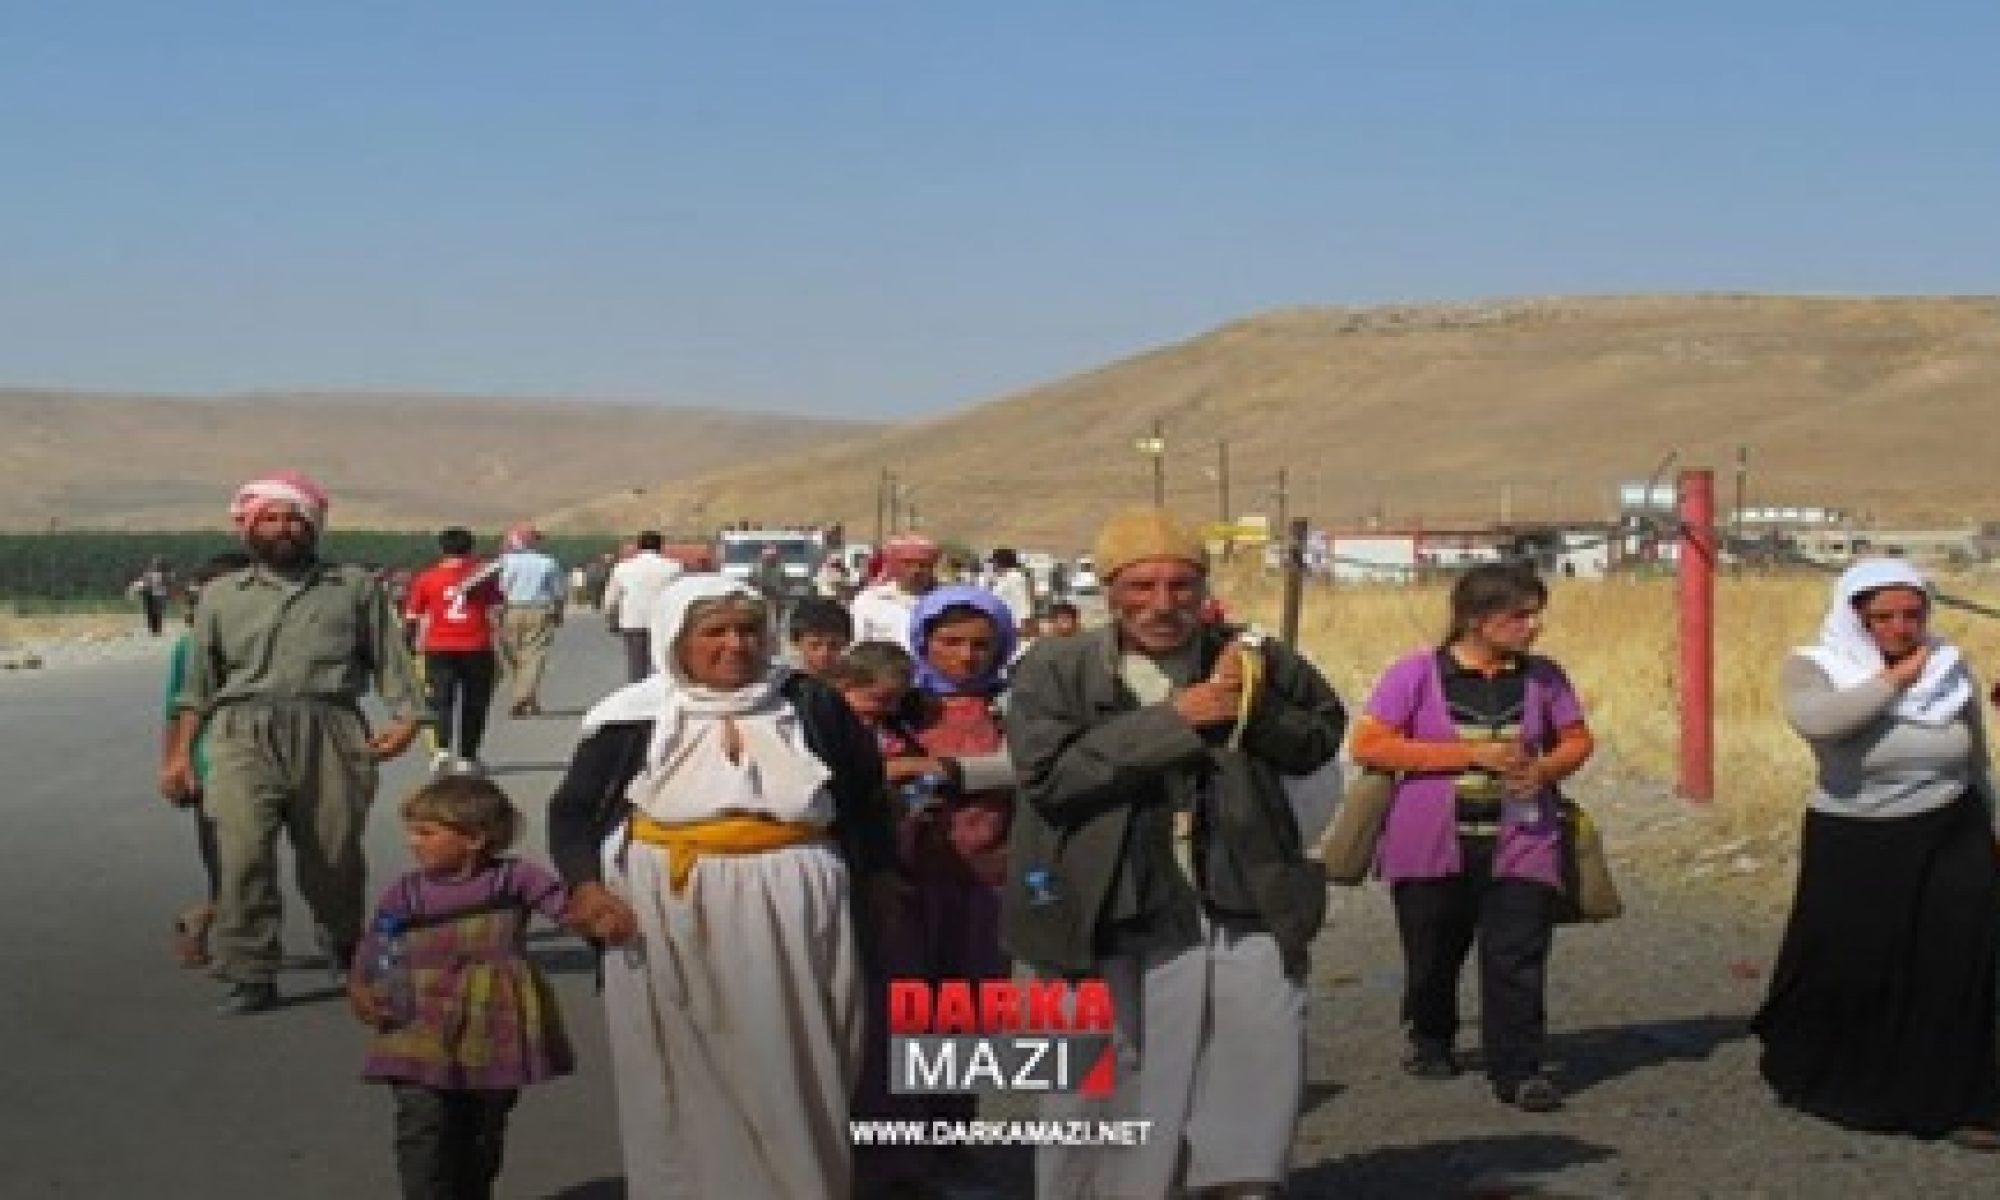 Duhok'ta Kürt Ezidilere dönük soykırımı ele alacak uluslararası konferans yapılıyor